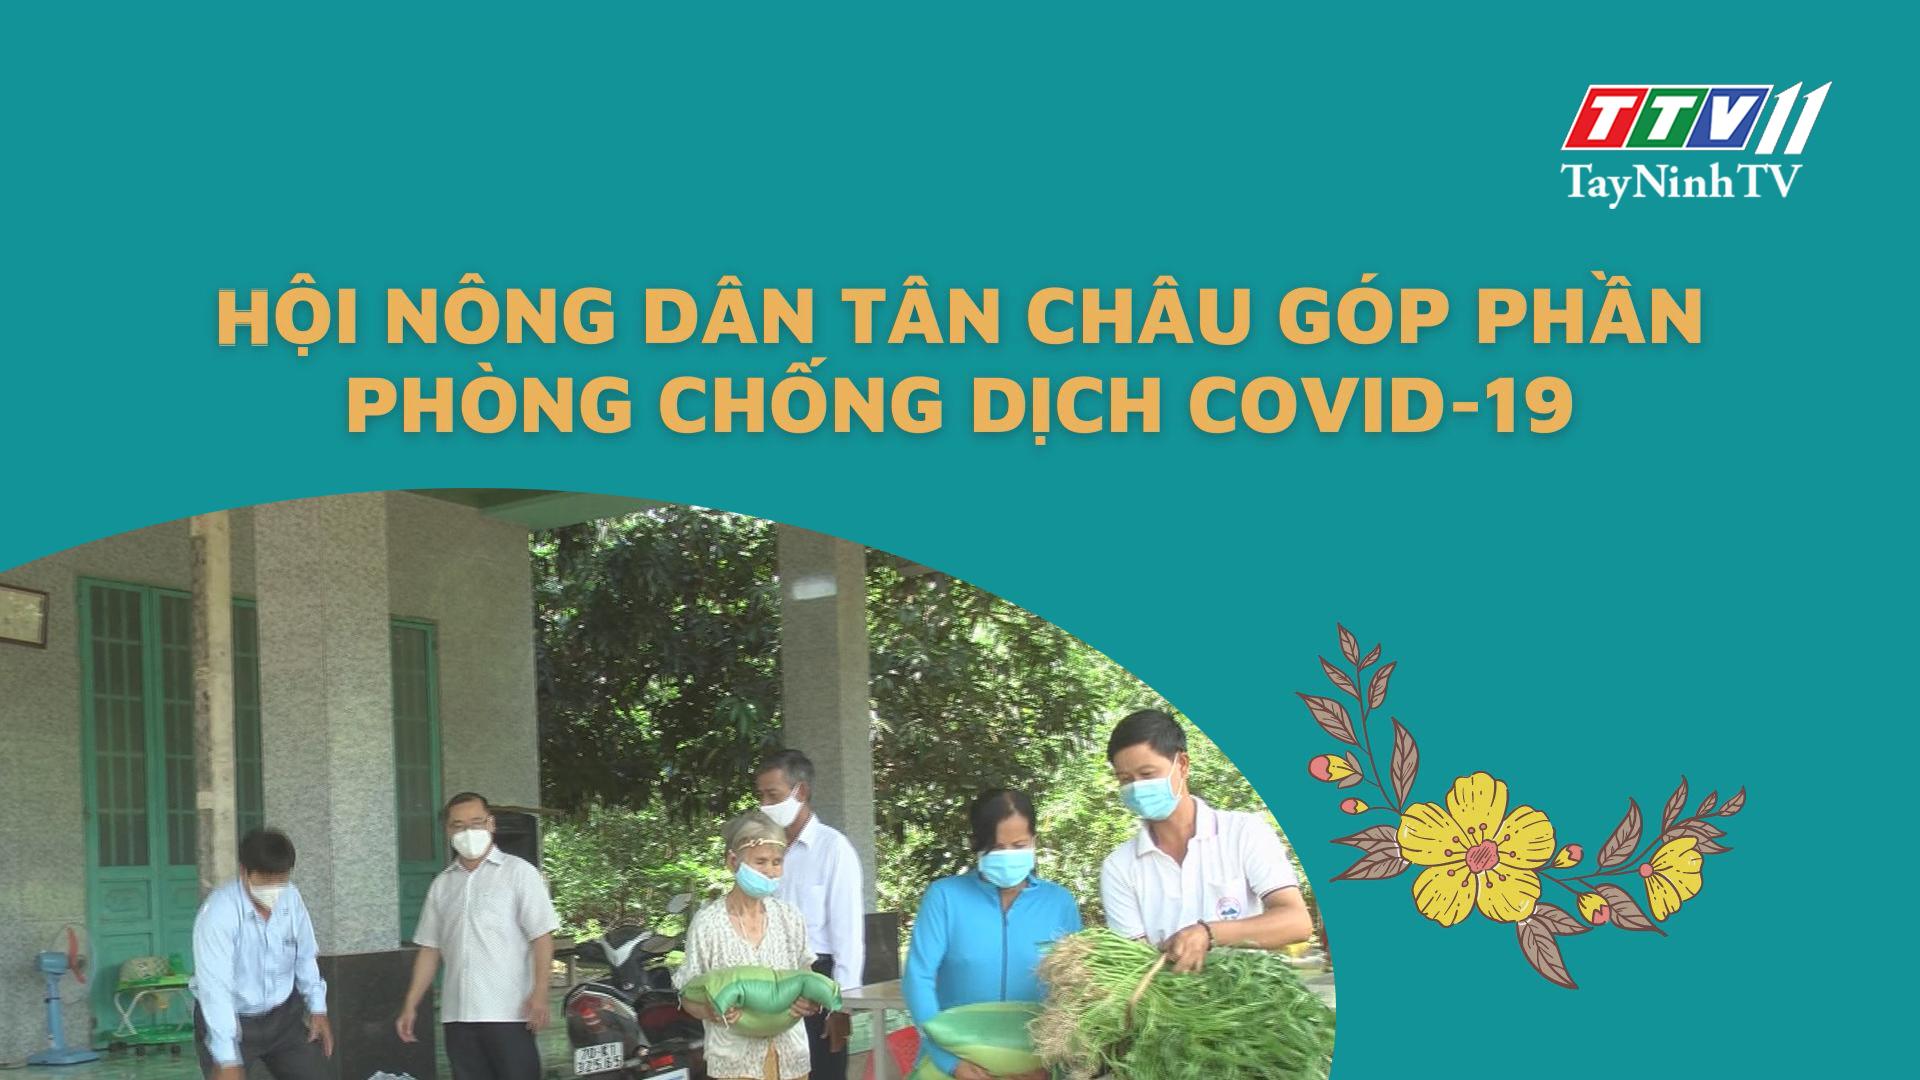 Hội Nông dân Tân Châu góp phần phòng chống dịch Covid-19   NÔNG NGHIỆP TÂY NINH   TayNinhTV